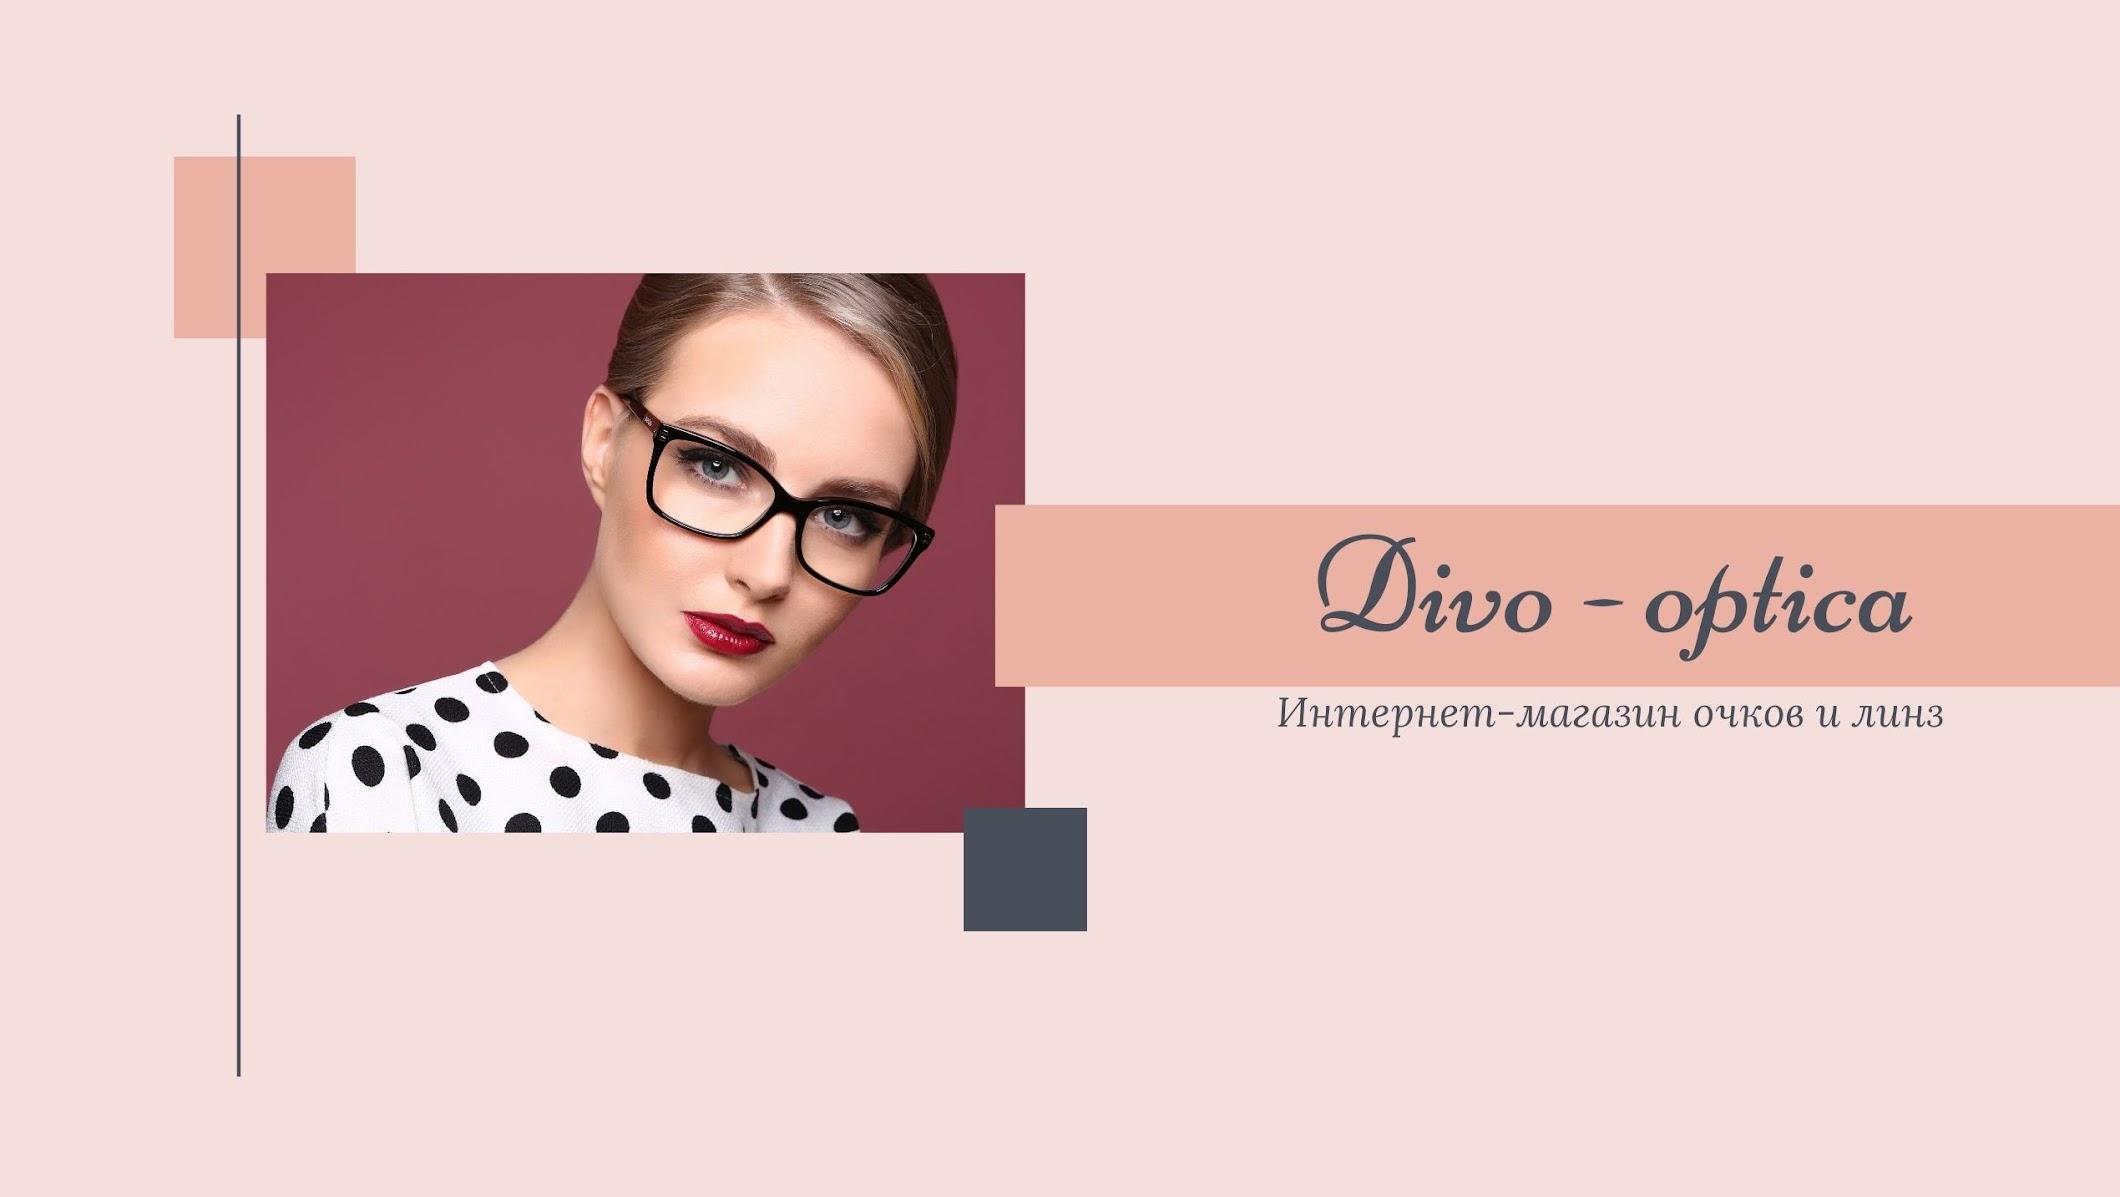 Divo optica - интернет-магазин очков и линз